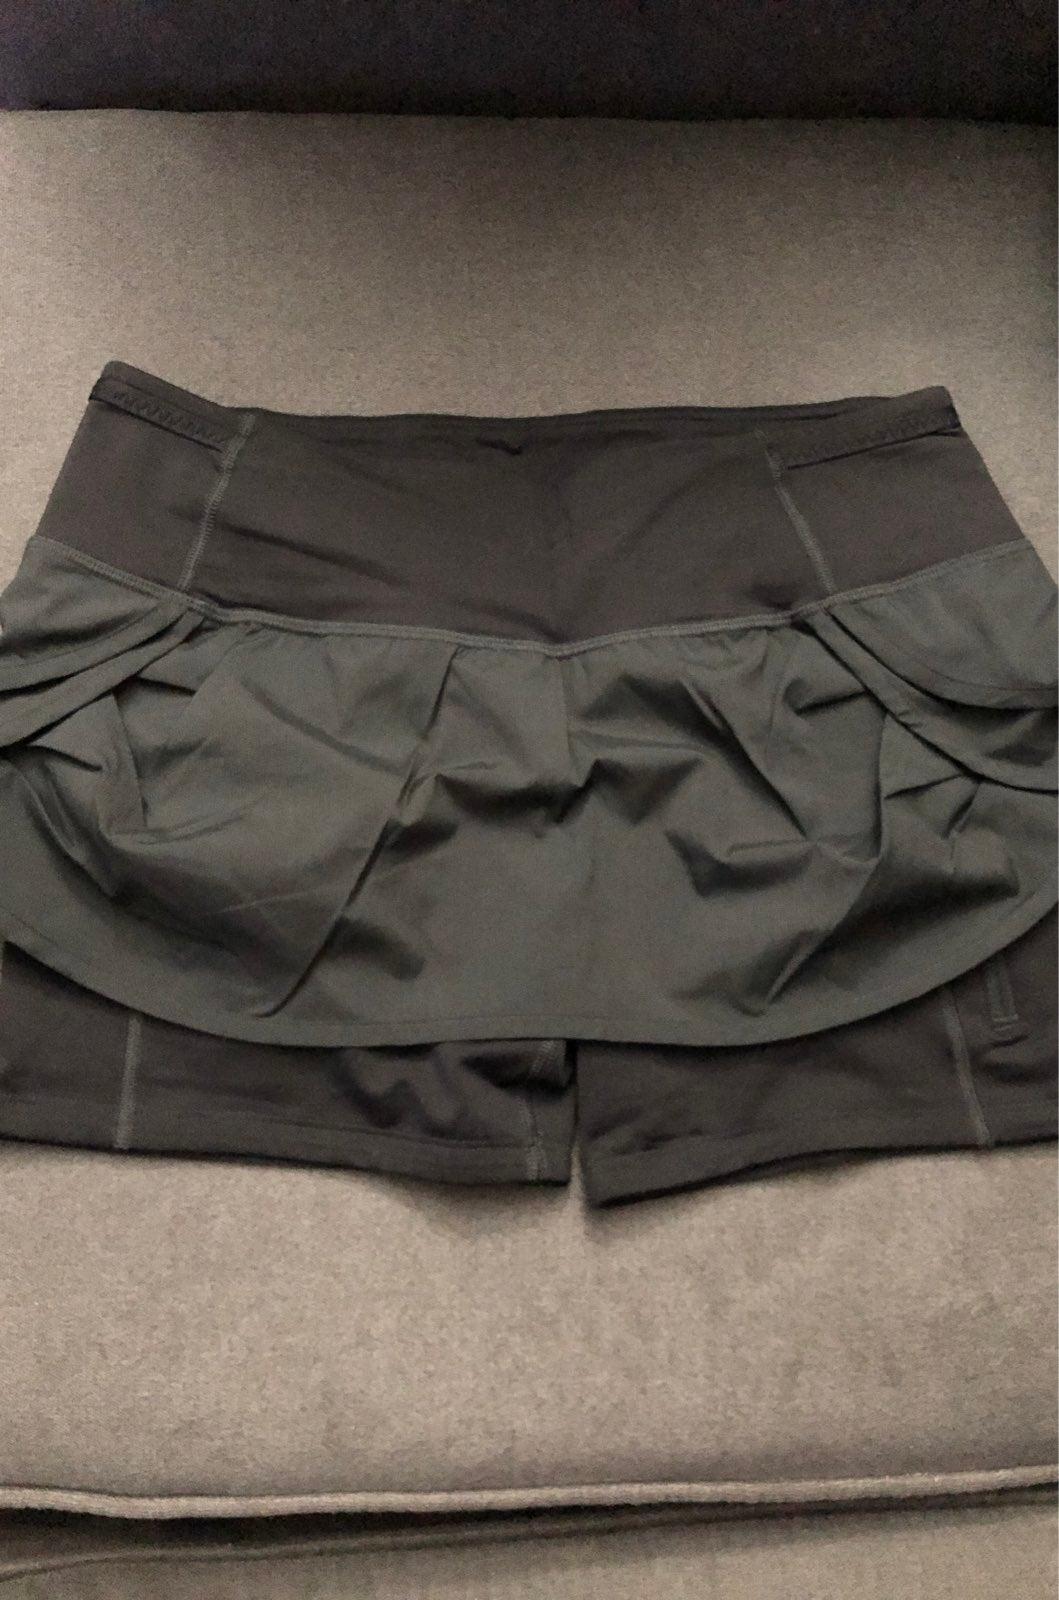 lululemon skirt shorts 6